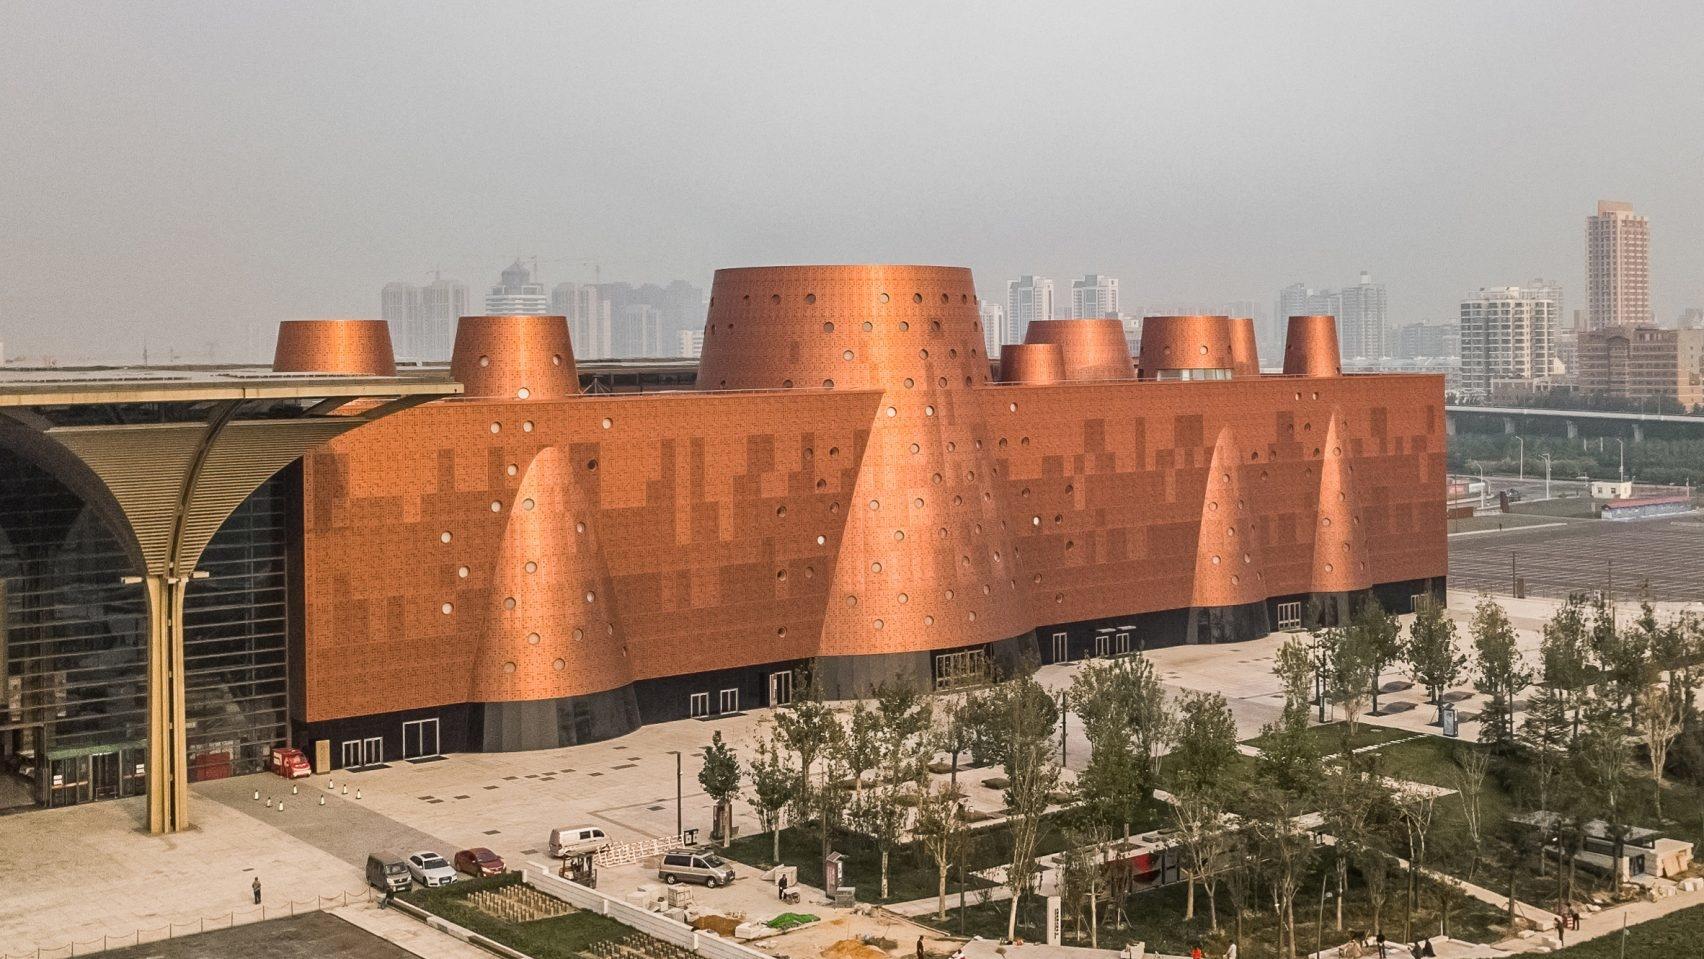 И медные трубы: новый музей по проекту Бернара Чуми в Китае (галерея 6, фото 0)